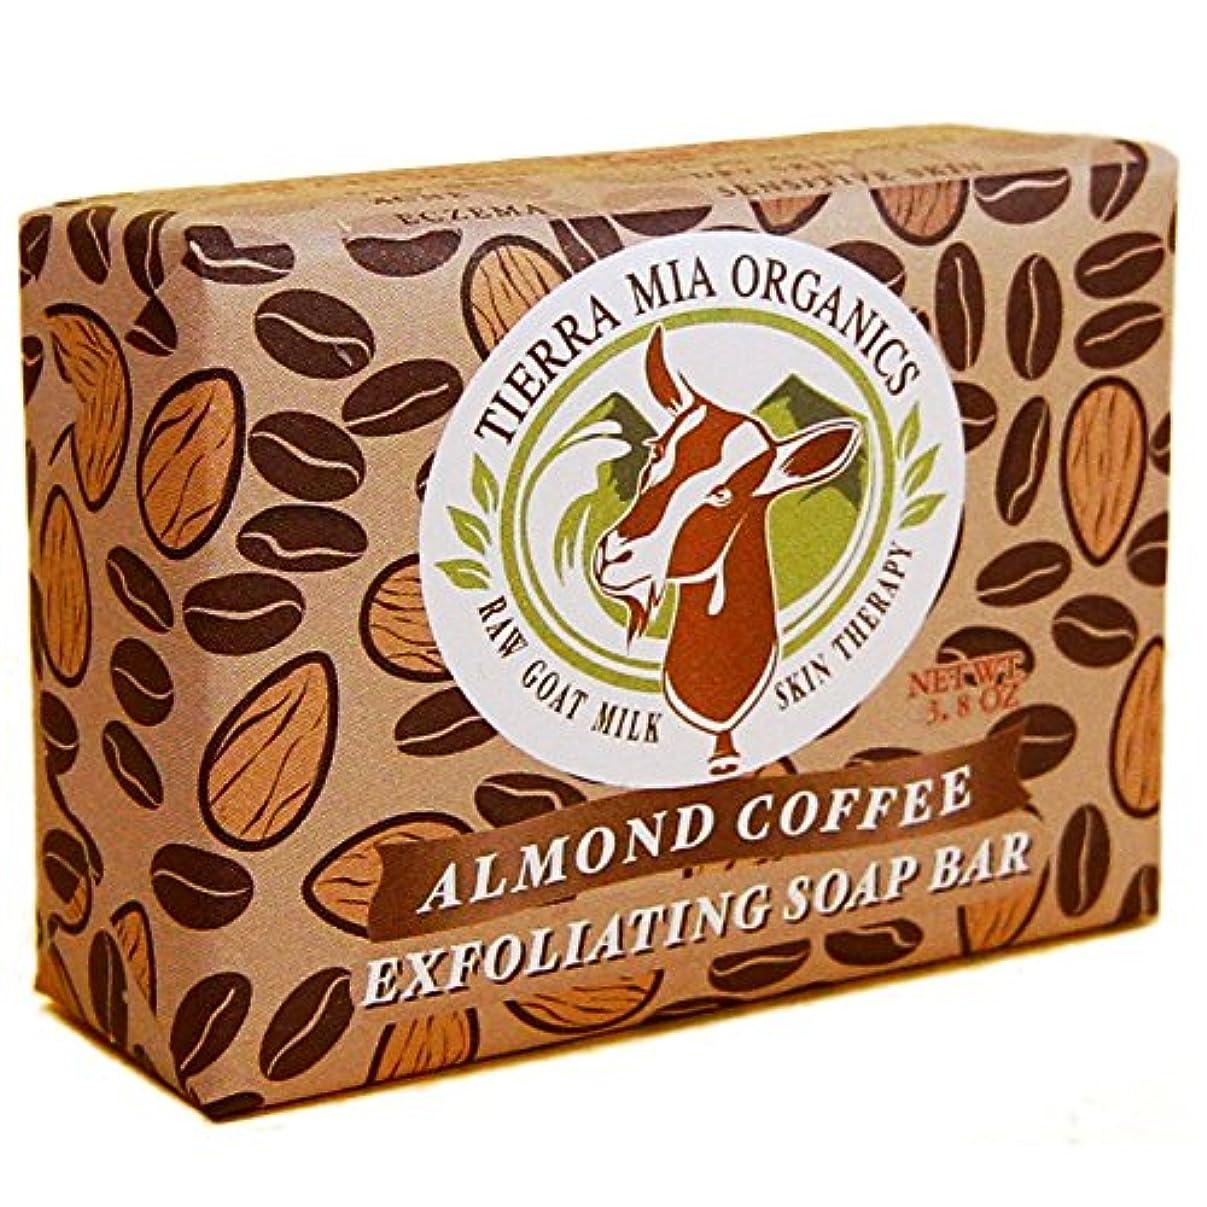 ムス砲兵マーキーTierra Mia Organics, Raw Goat Milk Skin Therapy, Exfoliating Soap Bar, Almond Coffee, 3.8 oz